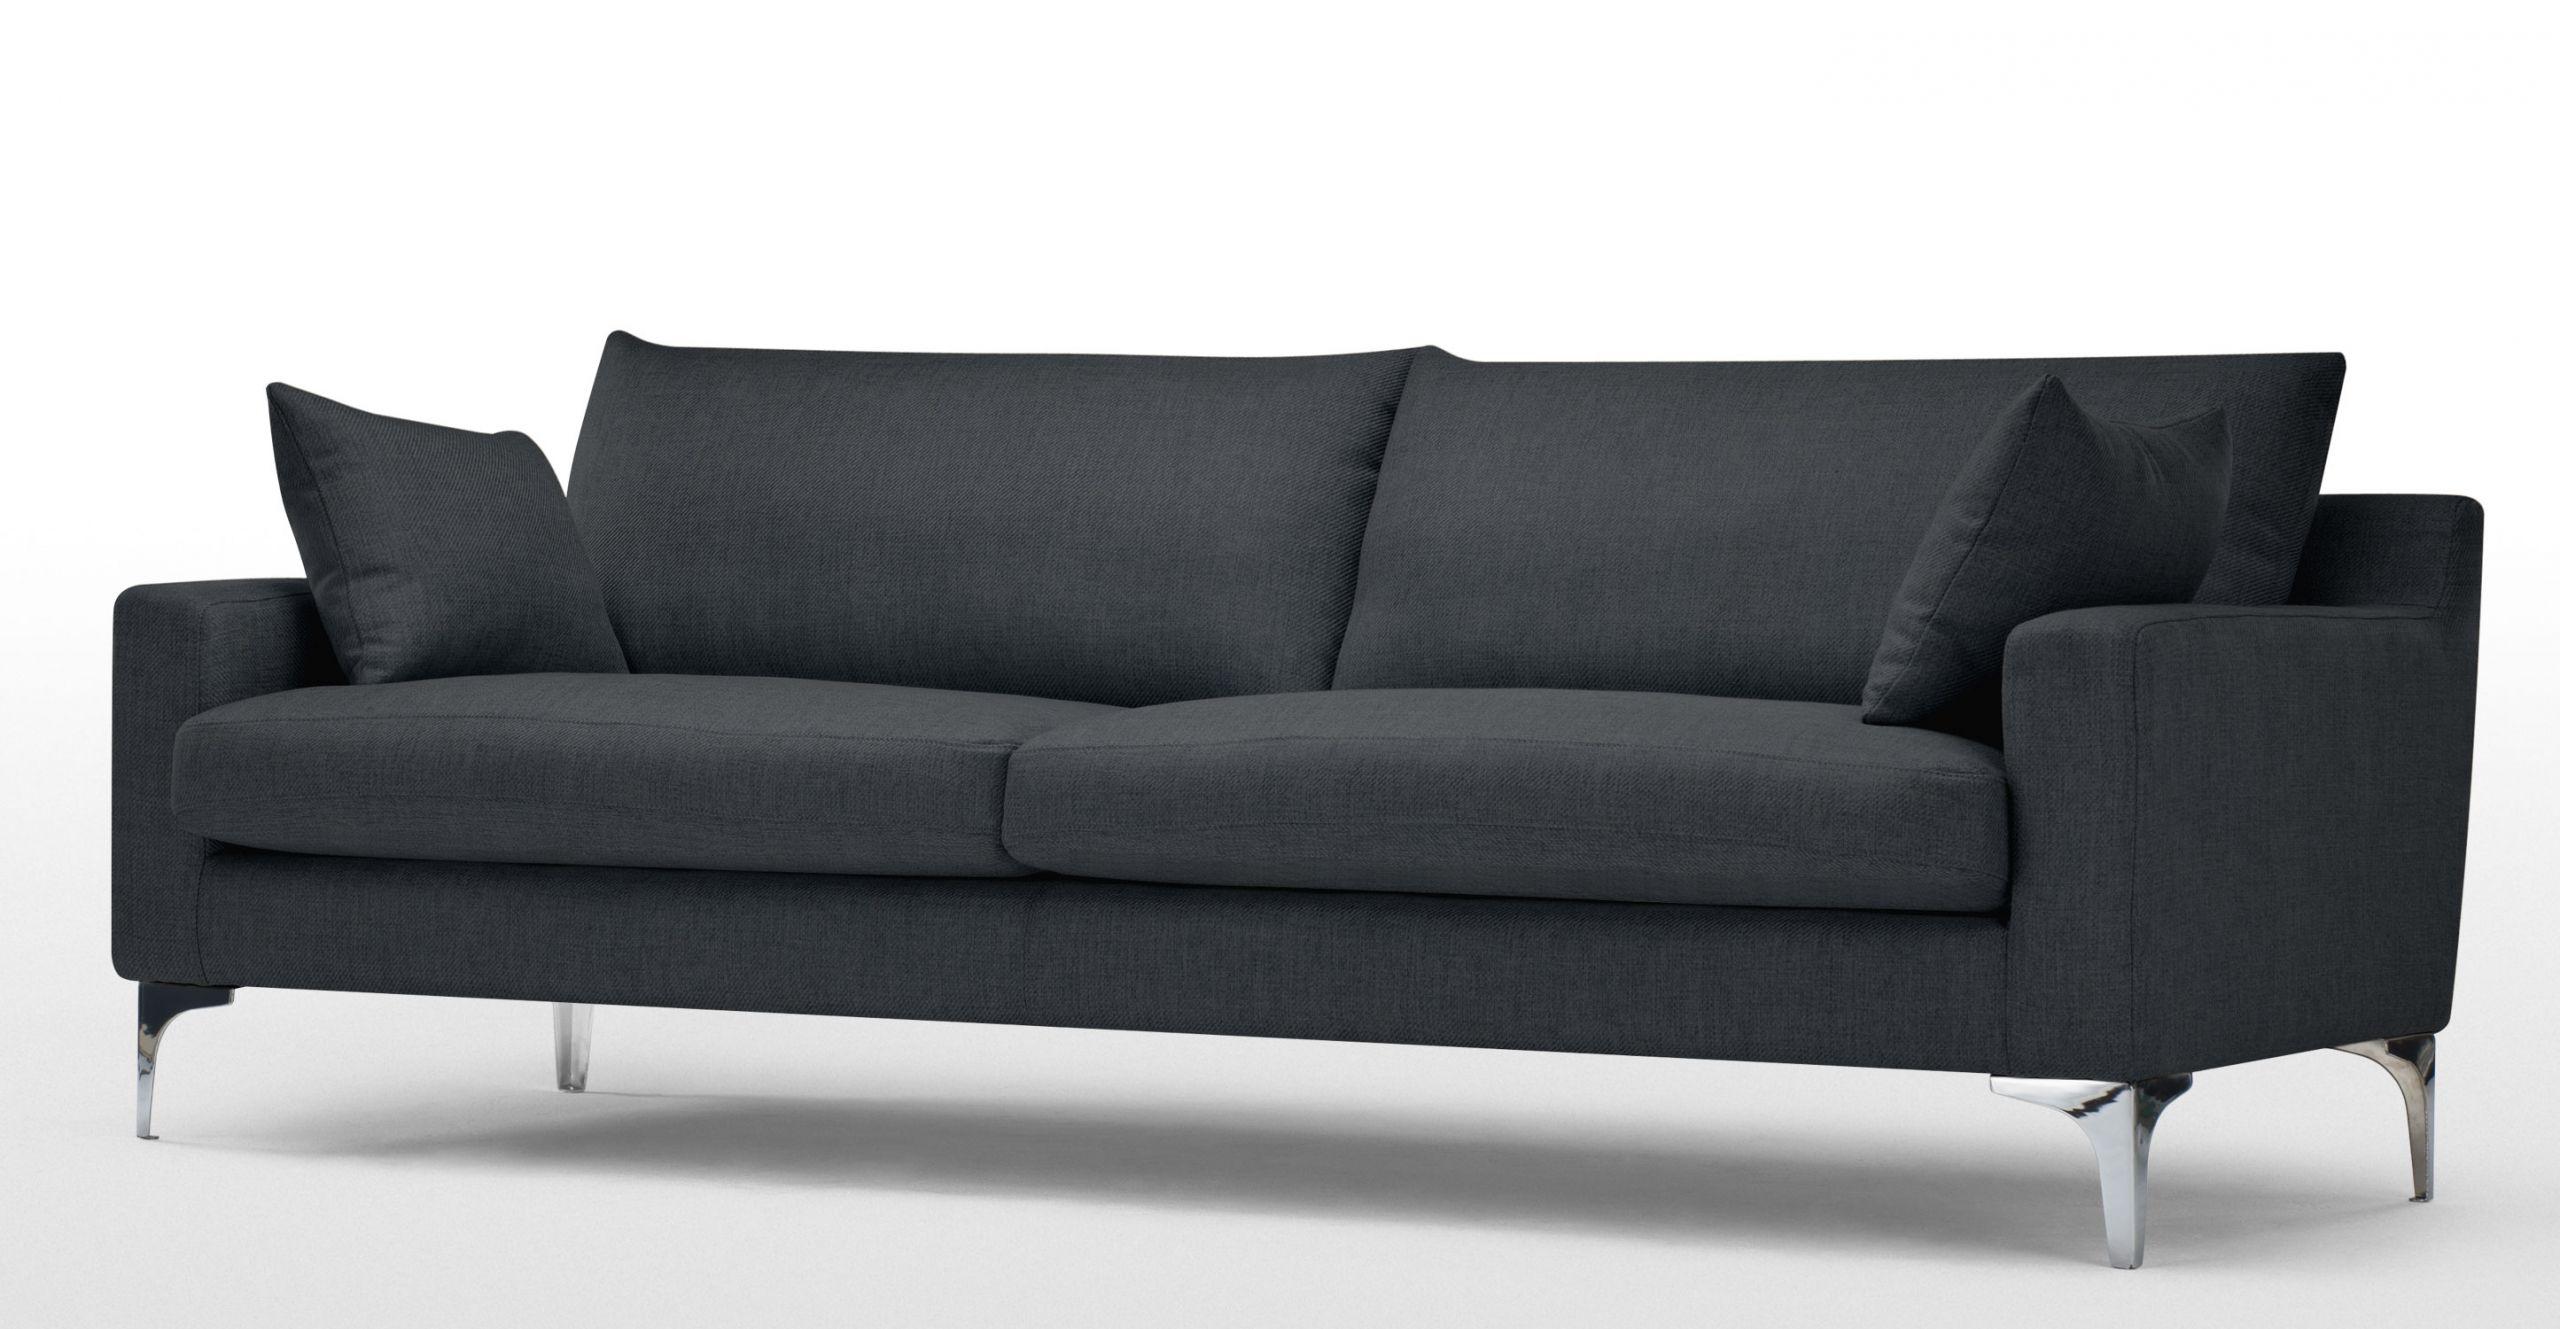 Mendini un canapé 3 places gris anthracite